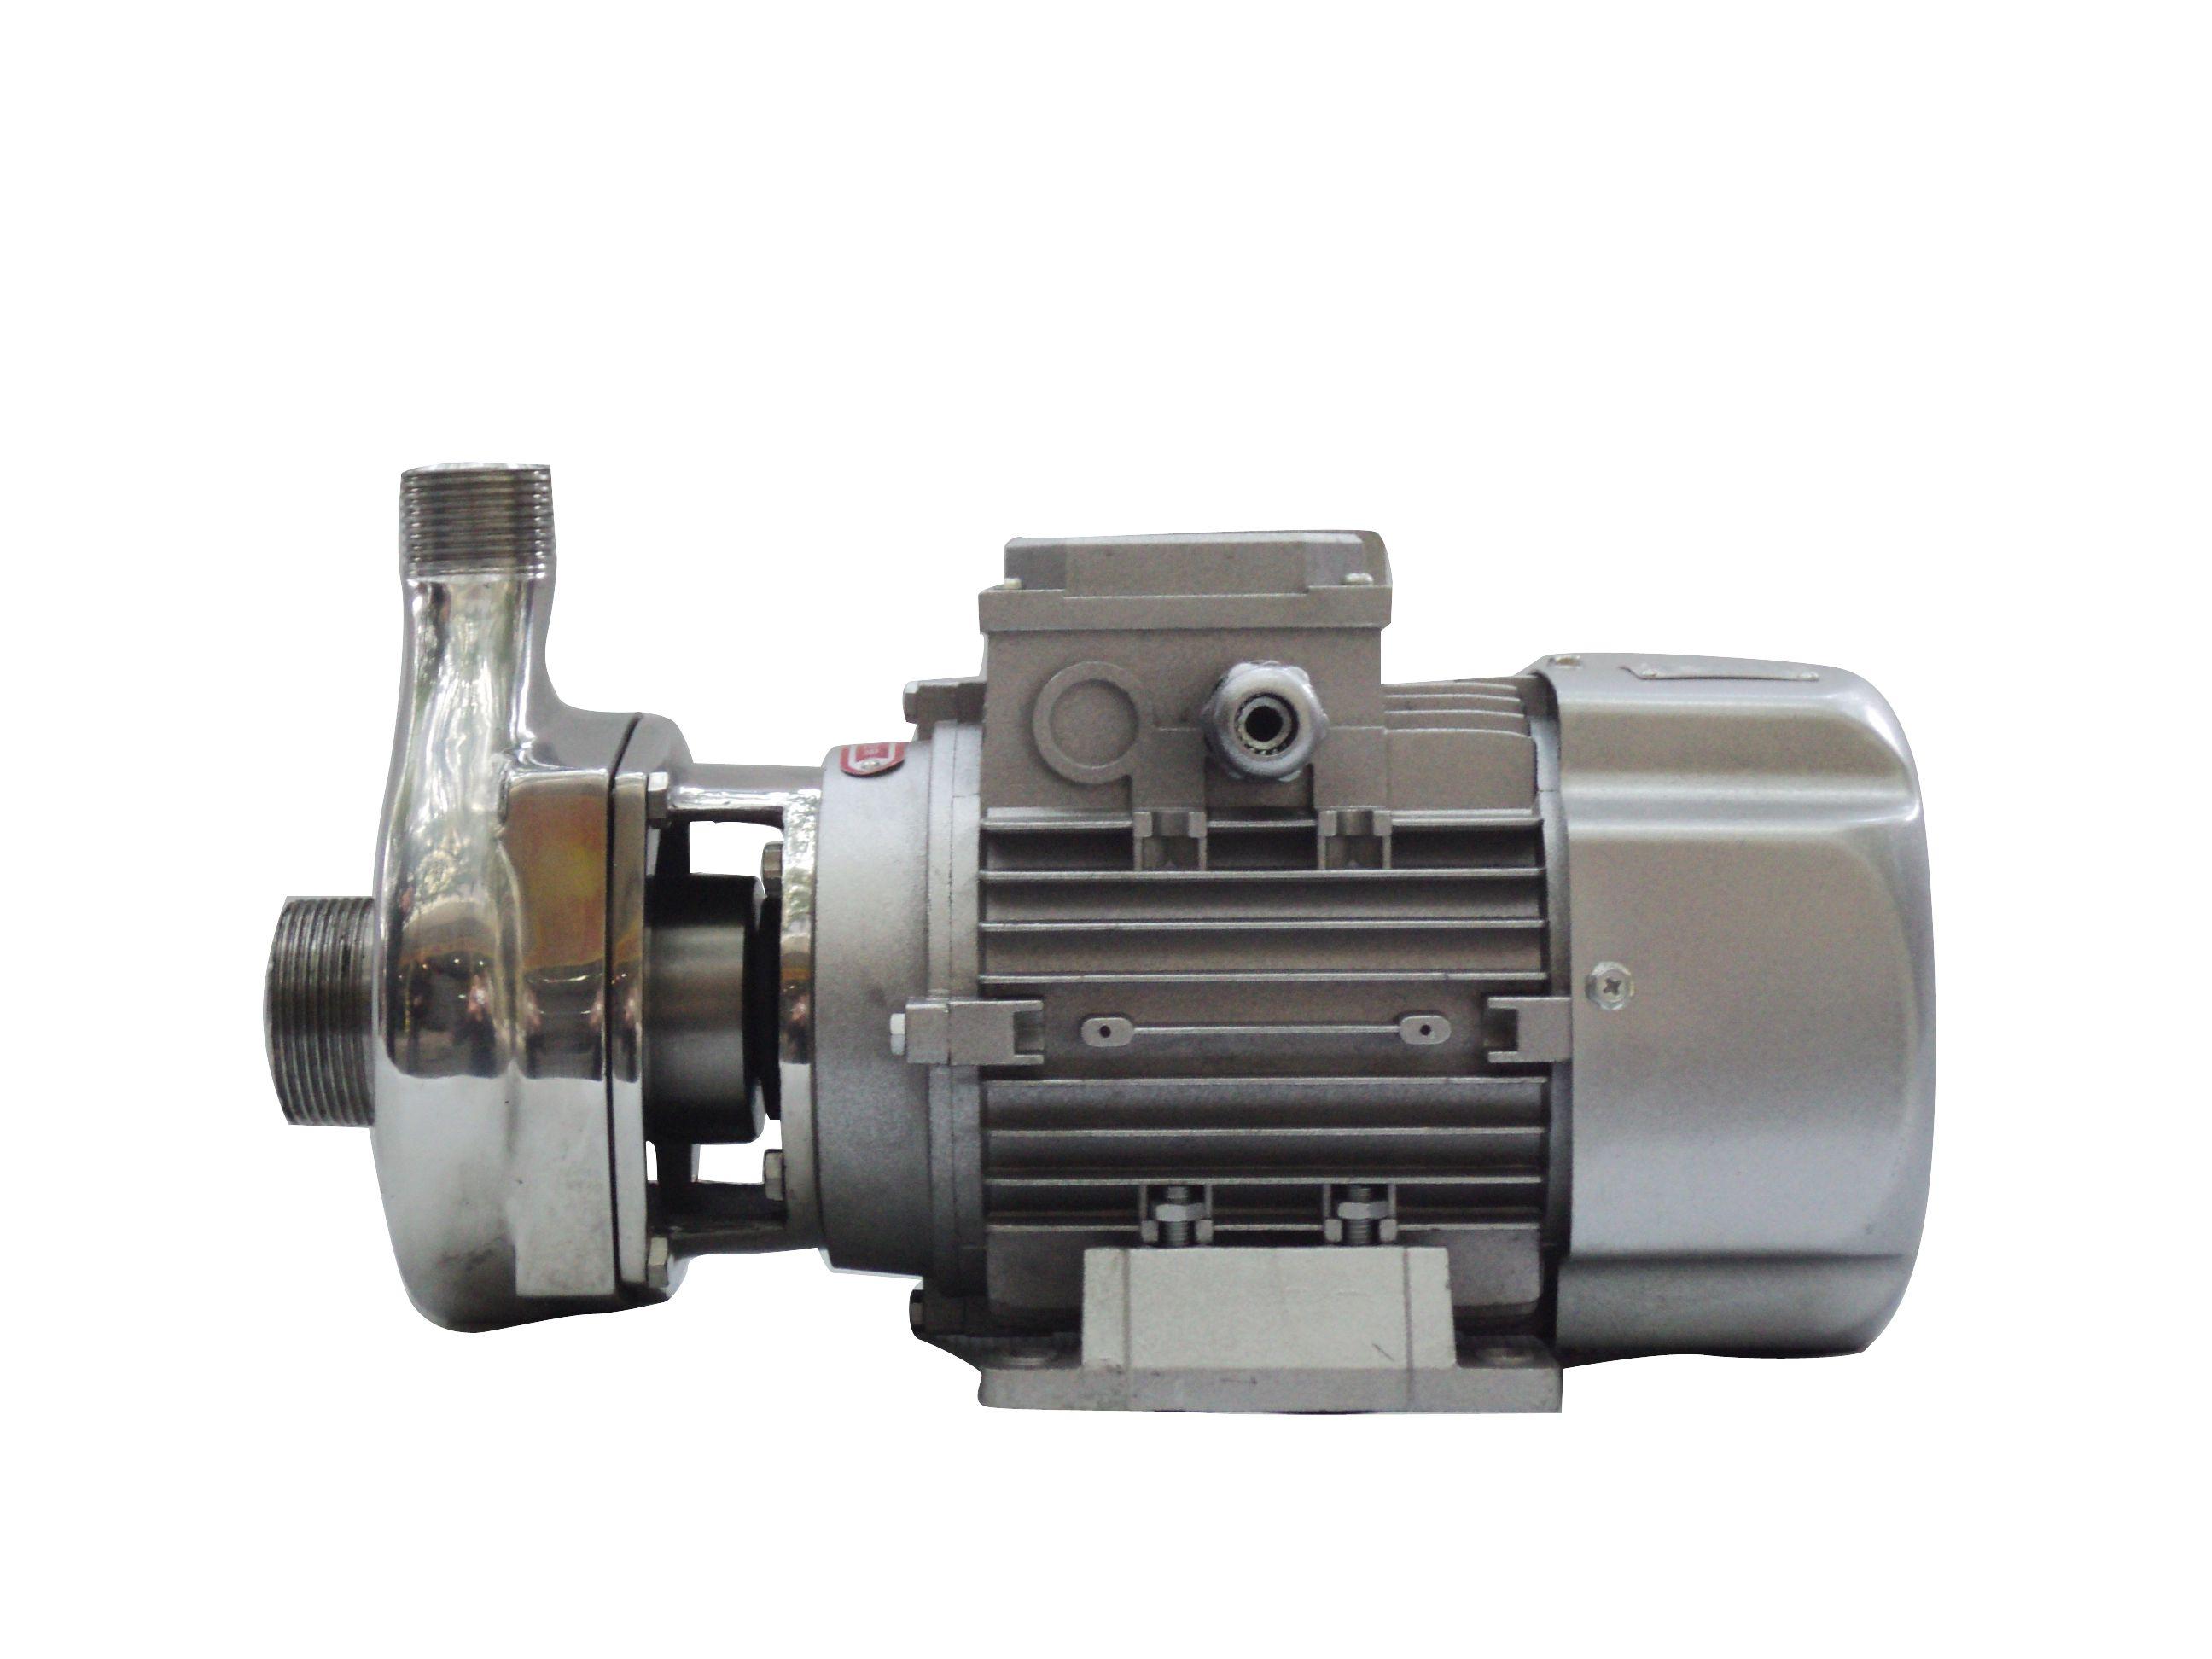 羊城水泵|40F-13|东莞耐腐蚀离心泵|羊城泵业|广州羊城水泵厂